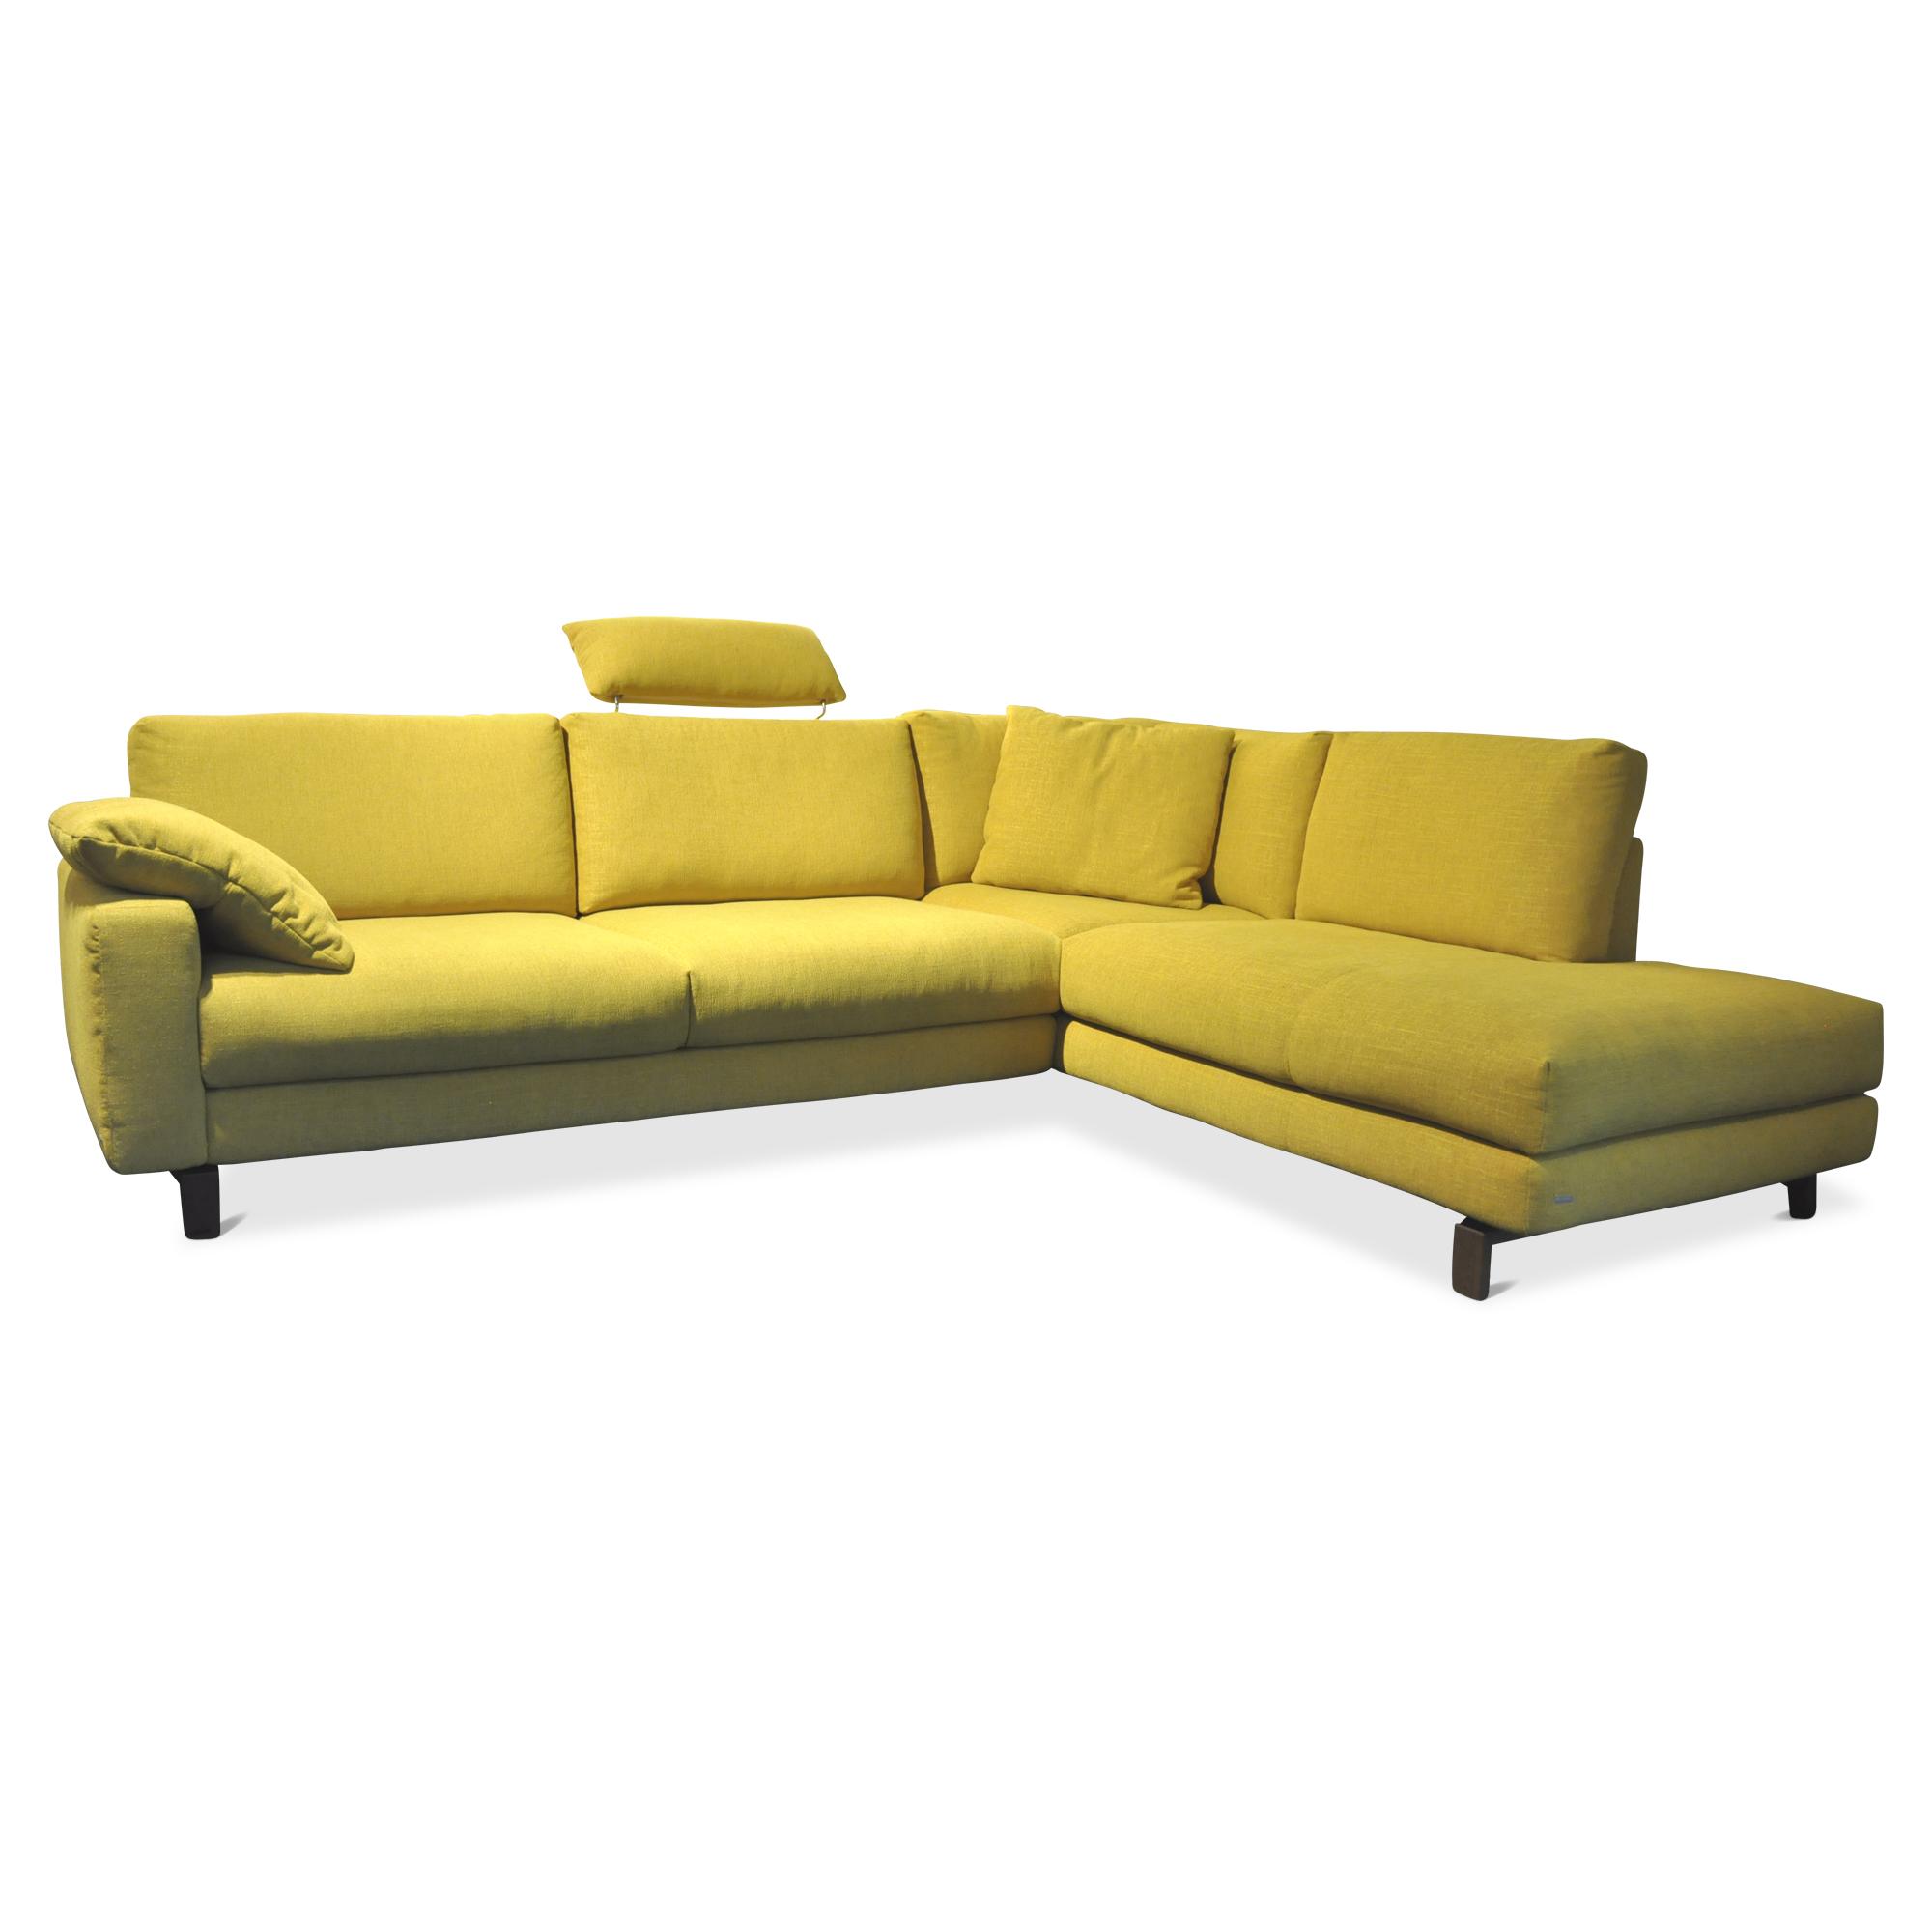 Innenarchitektur Koinor Händler Sammlung Von • Sofa • Stoff • Holz •